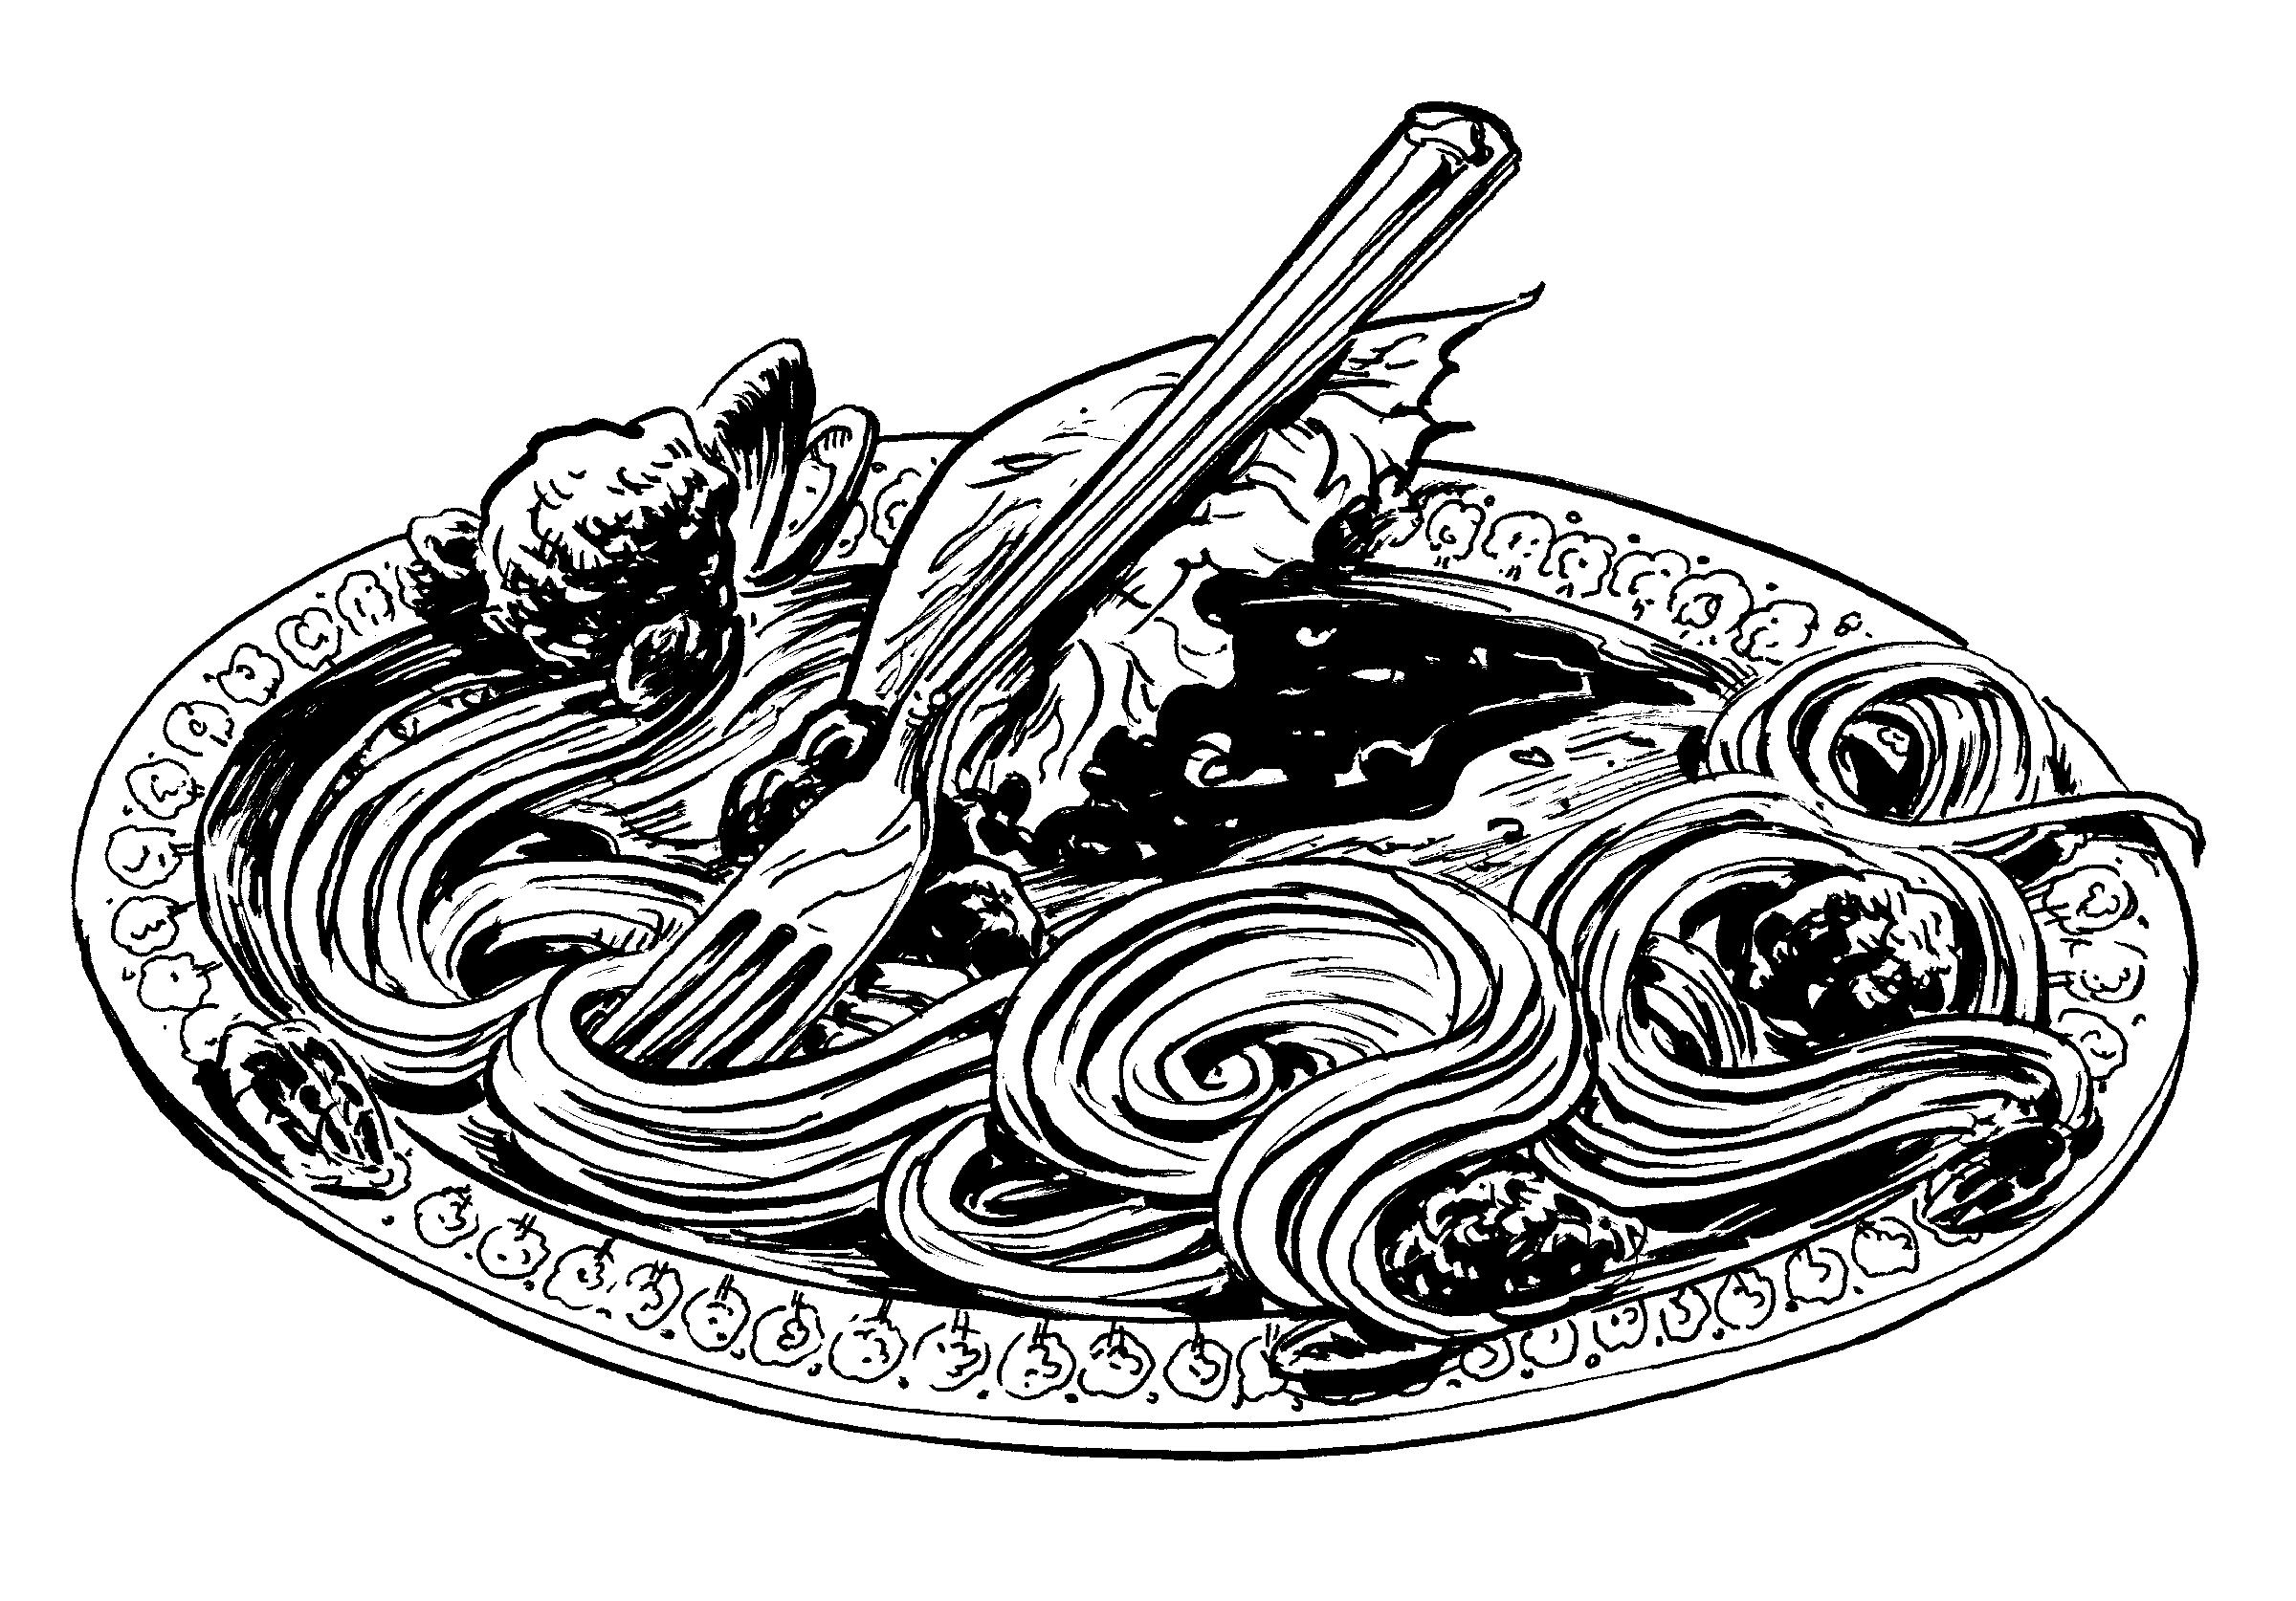 """spot illustration for """"The One Marvelous Thing"""" by Rikki Ducornet"""